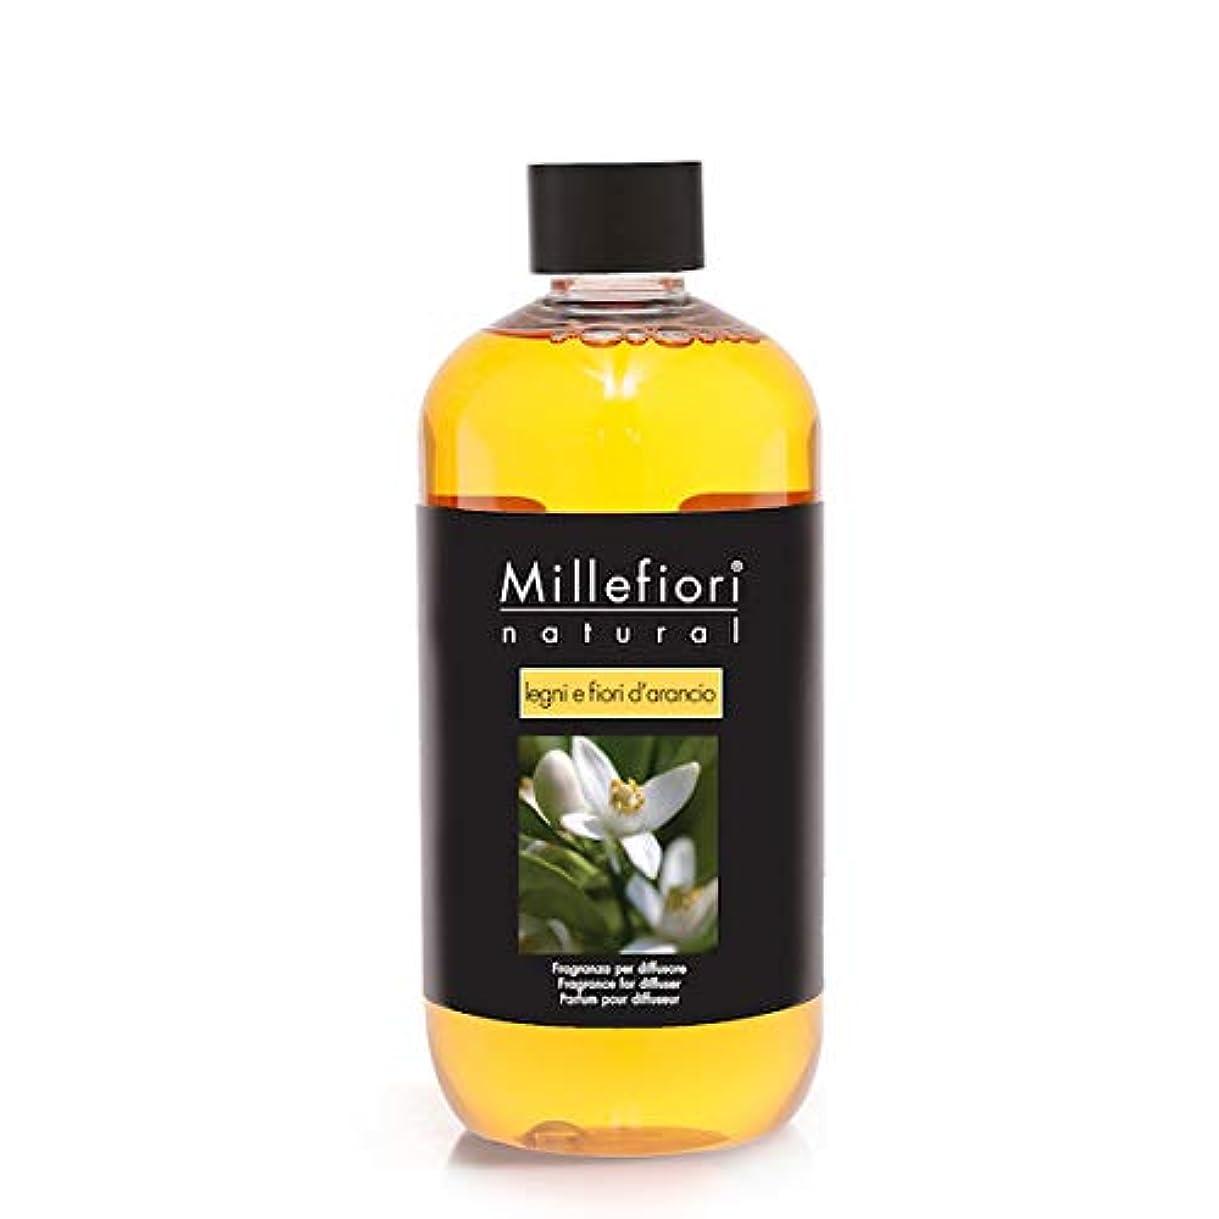 一時解雇するスプレーネブミッレフィオーリ(Millefiori) Natural レンニ エ フィオル ダランチョ(LEGNI E FIORE D'ARANCIO) 交換用リフィル500ml [並行輸入品]